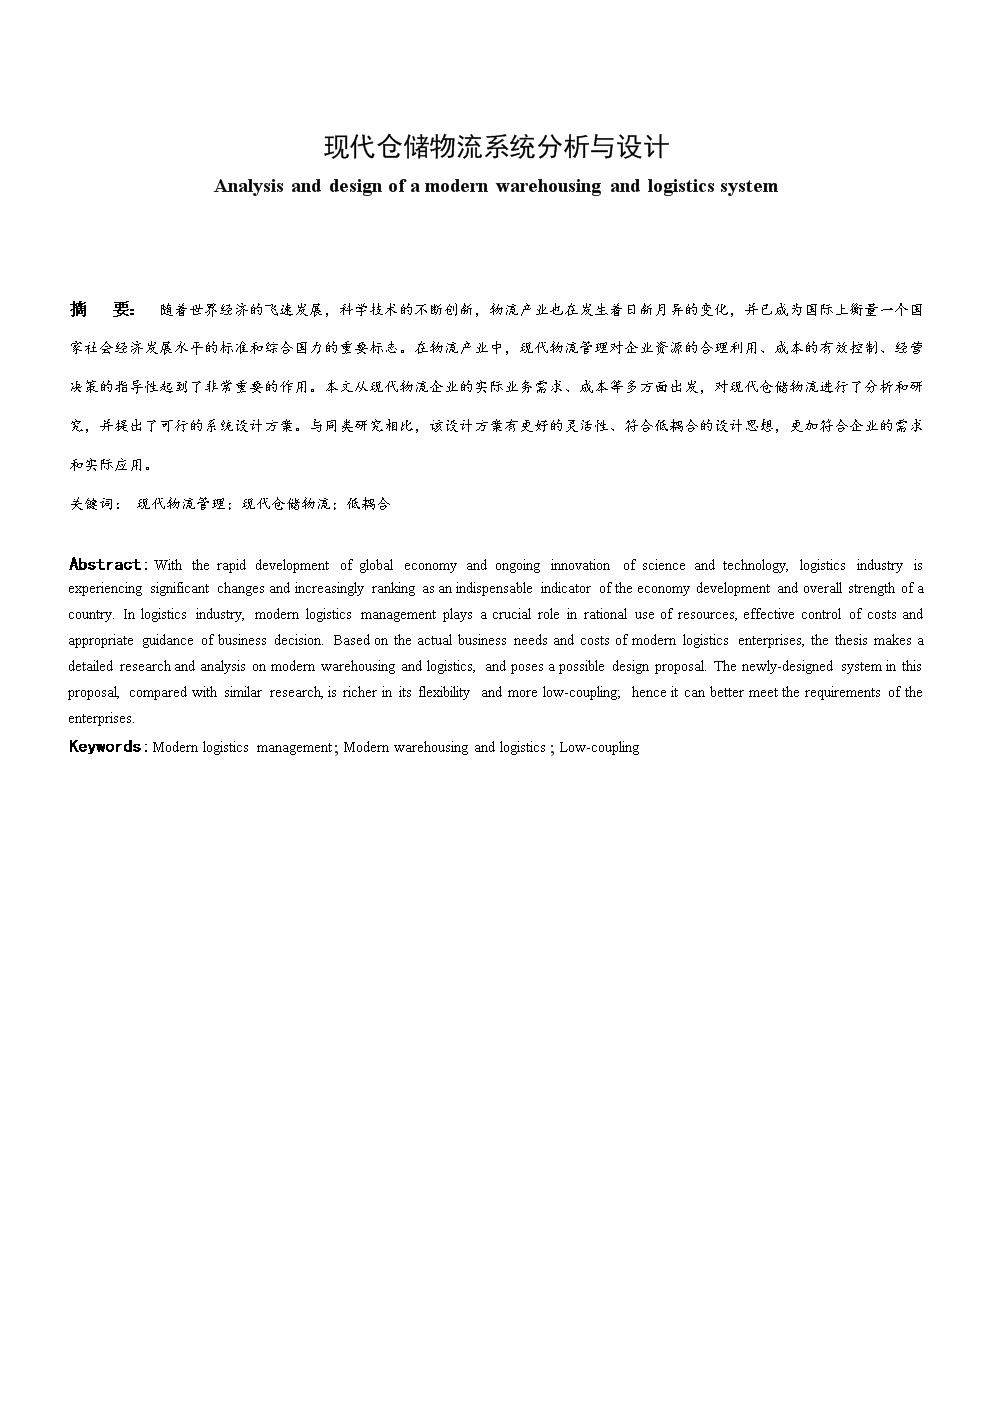 现代仓储物流系统分析与设计(毕业论文).doc